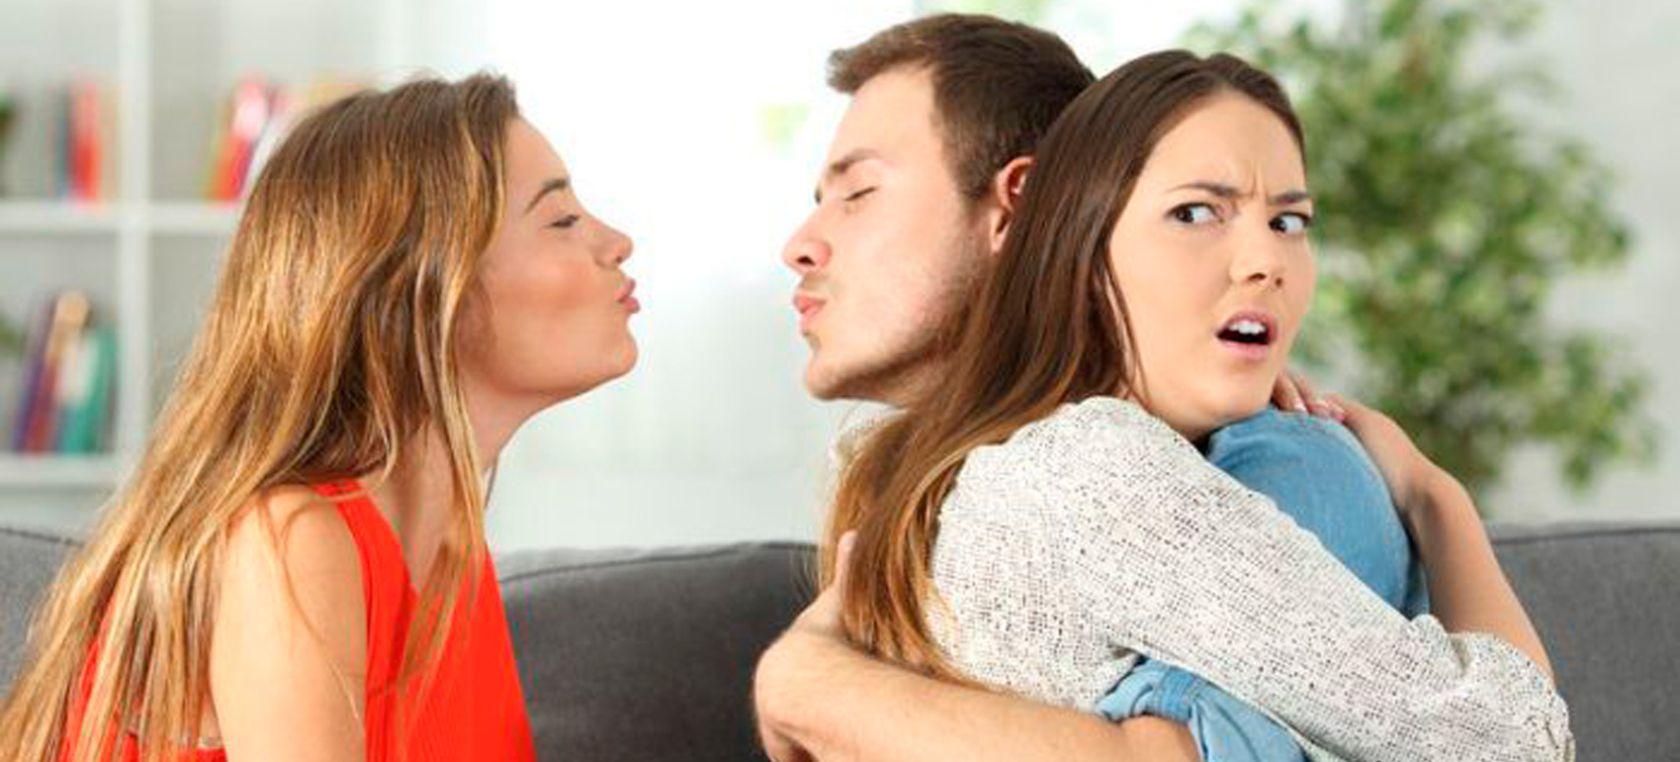 La infidelidad y sus motivos